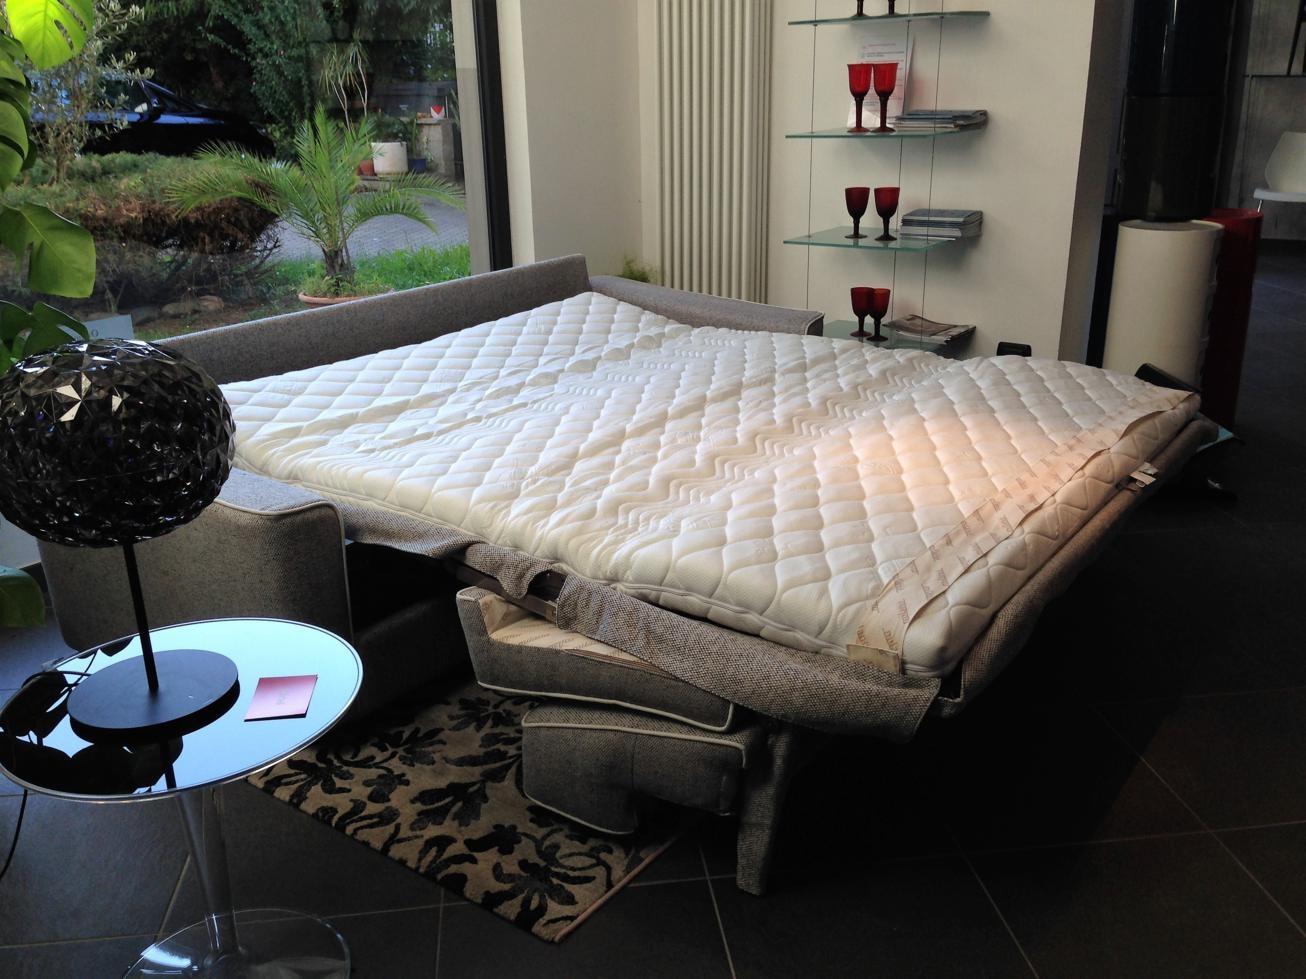 Milano bedding divano letto petrucciani divani a prezzi for Milano bedding